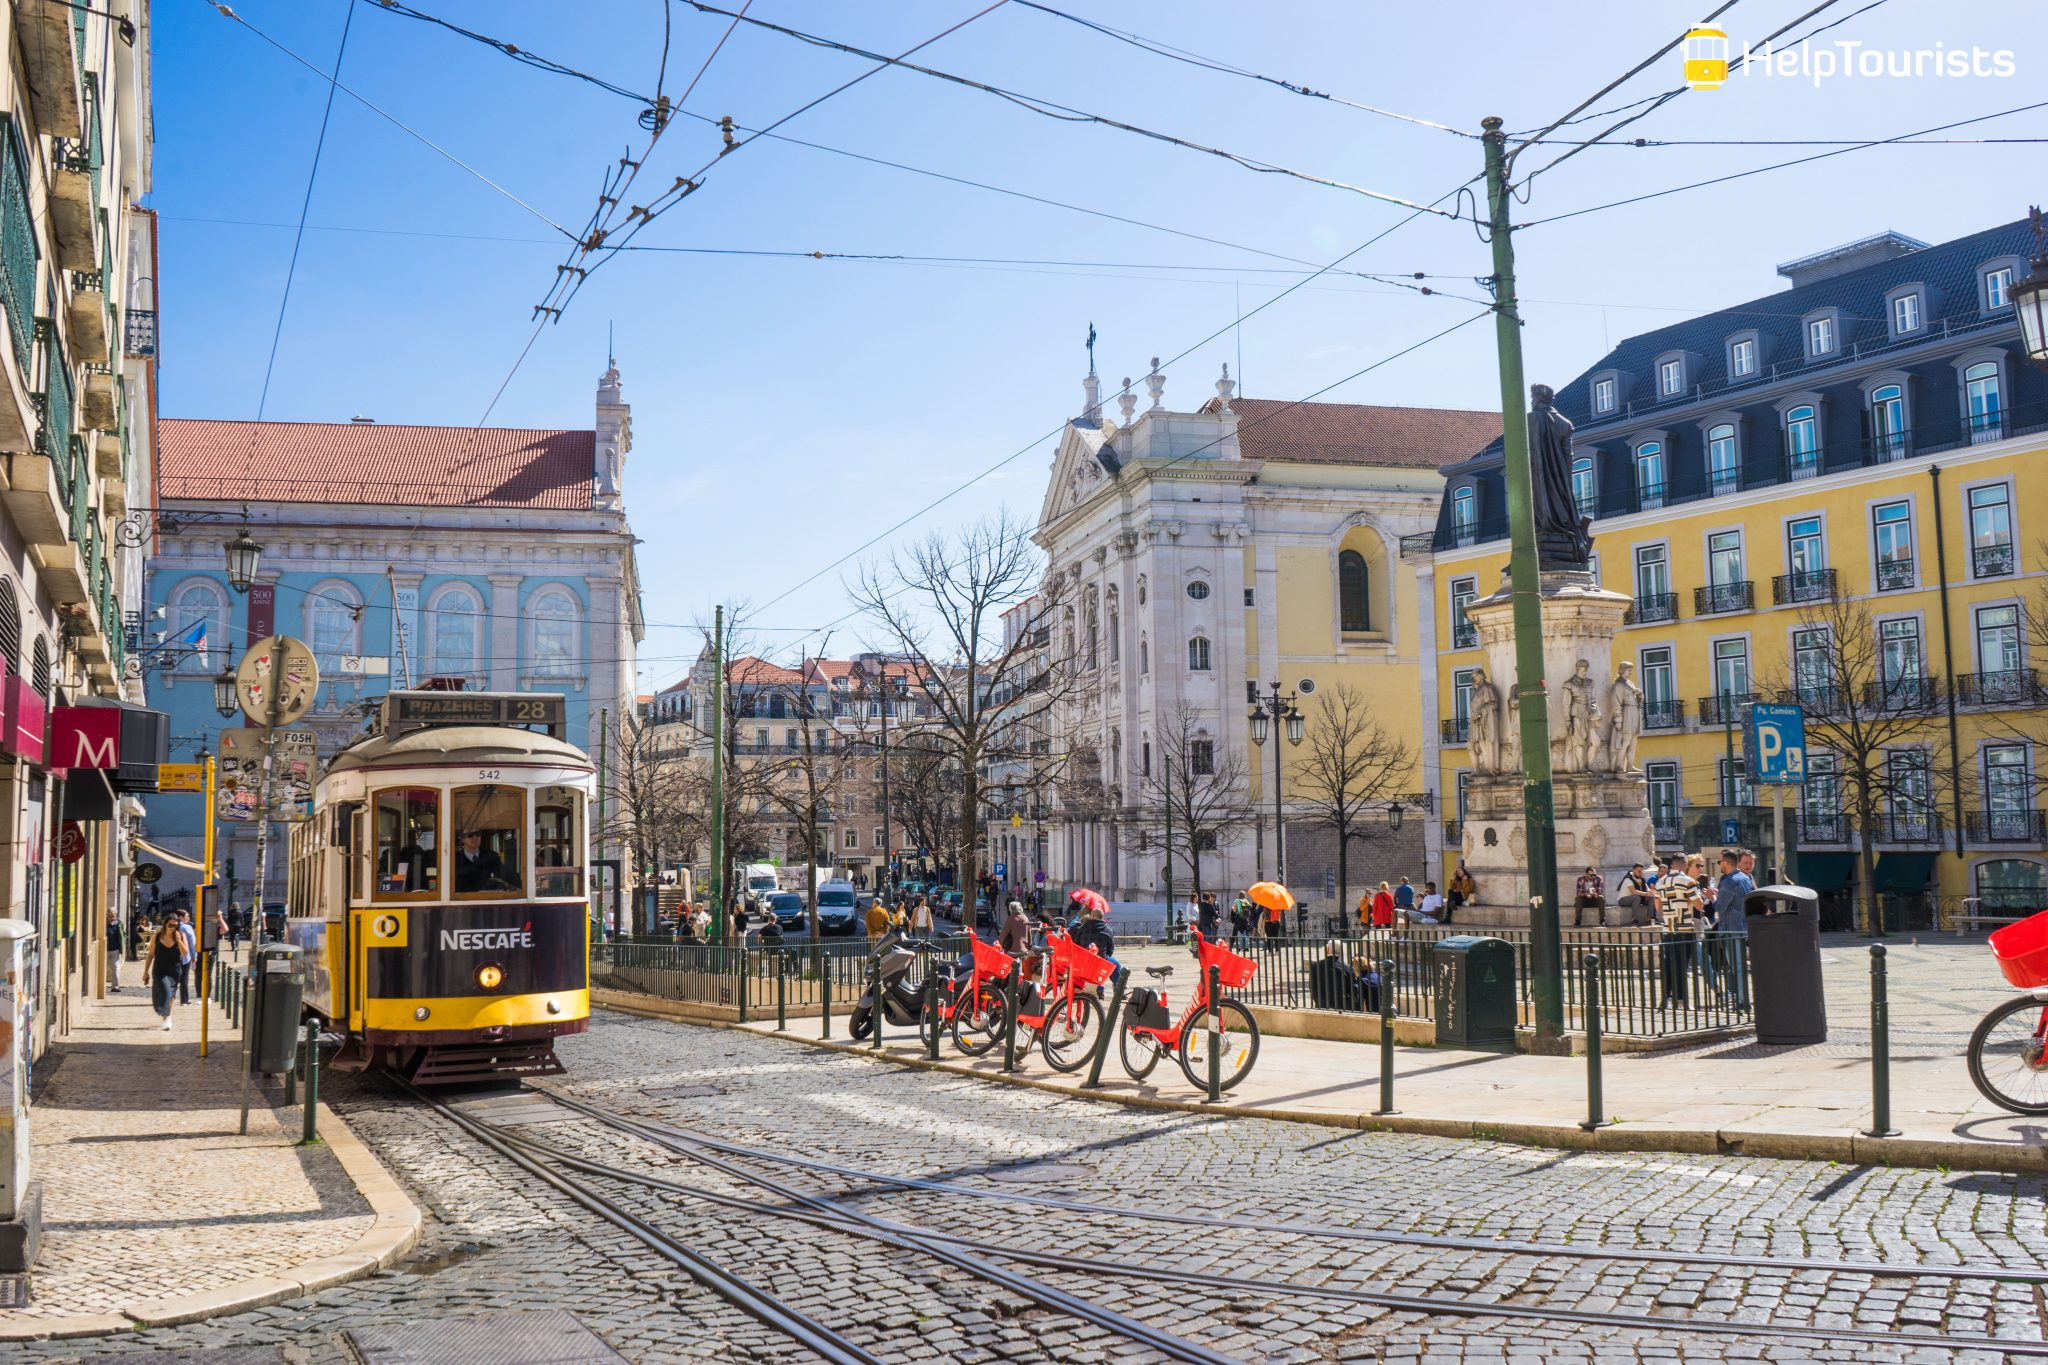 Lissabon_Praca-Luis-de-Camoes_Tram-gelb